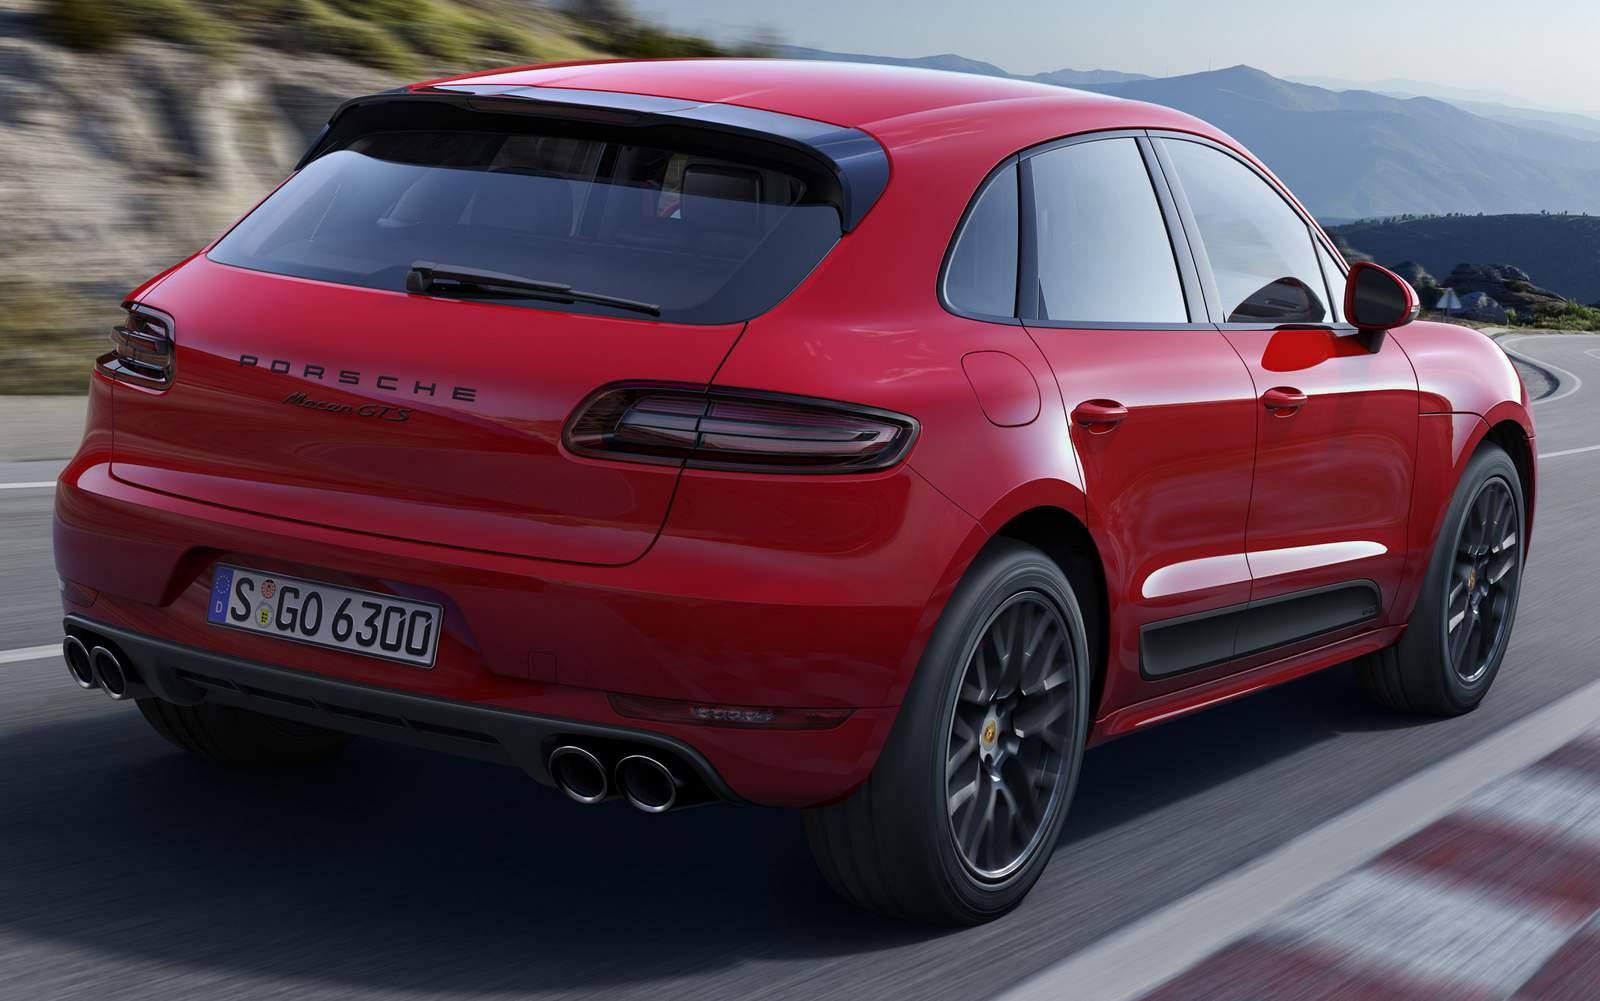 Porsche é a marca de carros de luxo mais atraente dos EUA